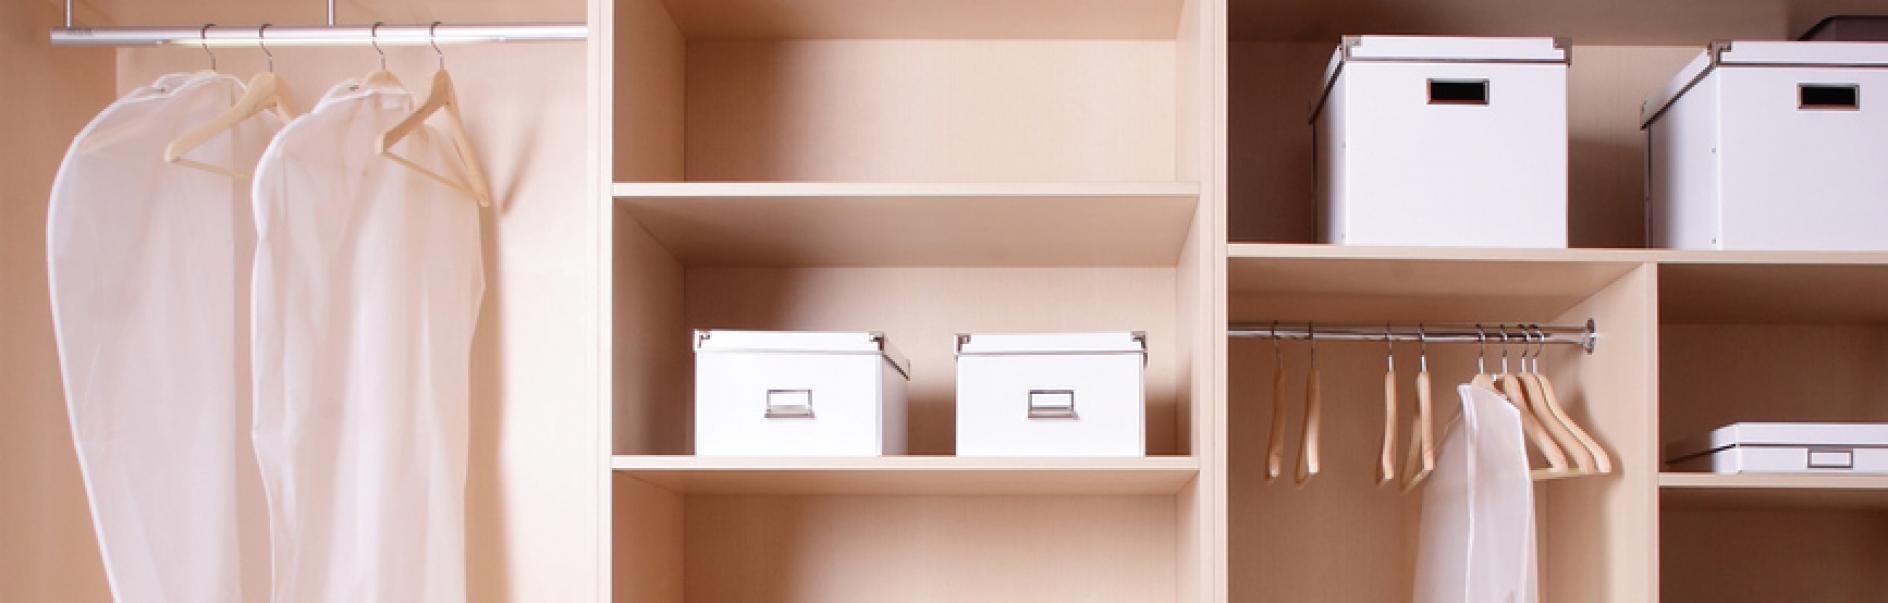 Ripiani Armadio Fai Da Te montaggio di un ripiano aggiuntivo nell'armadio